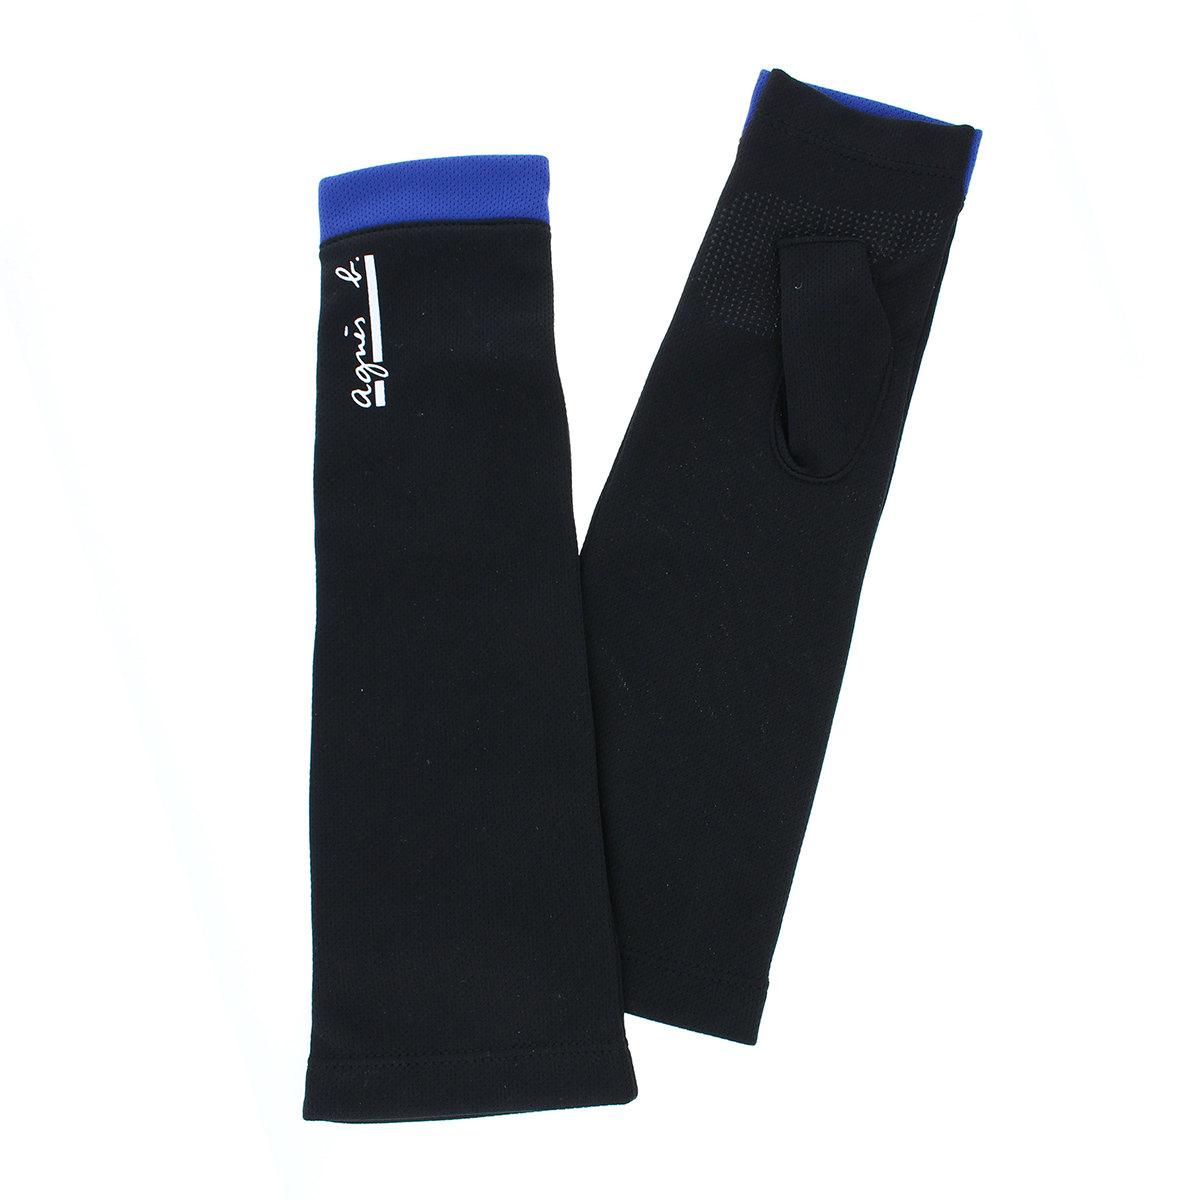 アニエスベー agnes b UV手袋 UVカット アームカバー UPF50+ ストレッチ 吸水速乾 スポーツ アウトドア タッチパネル スマホ対応 指なし セミロング丈 30cm 滑り止め付